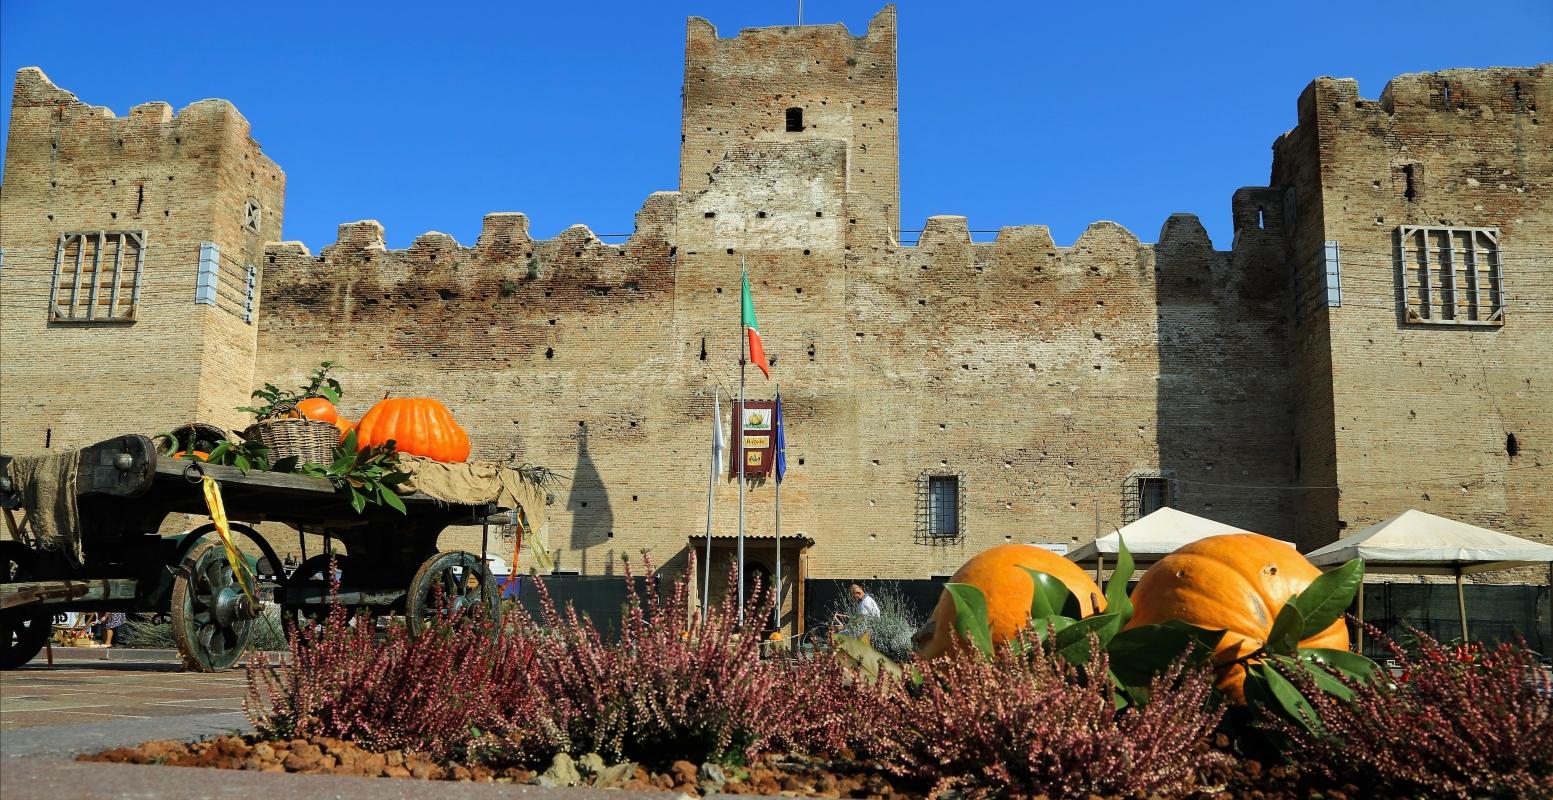 Festa della zucca in Rocca - Lasagni stefano - Reggiolo (RE)